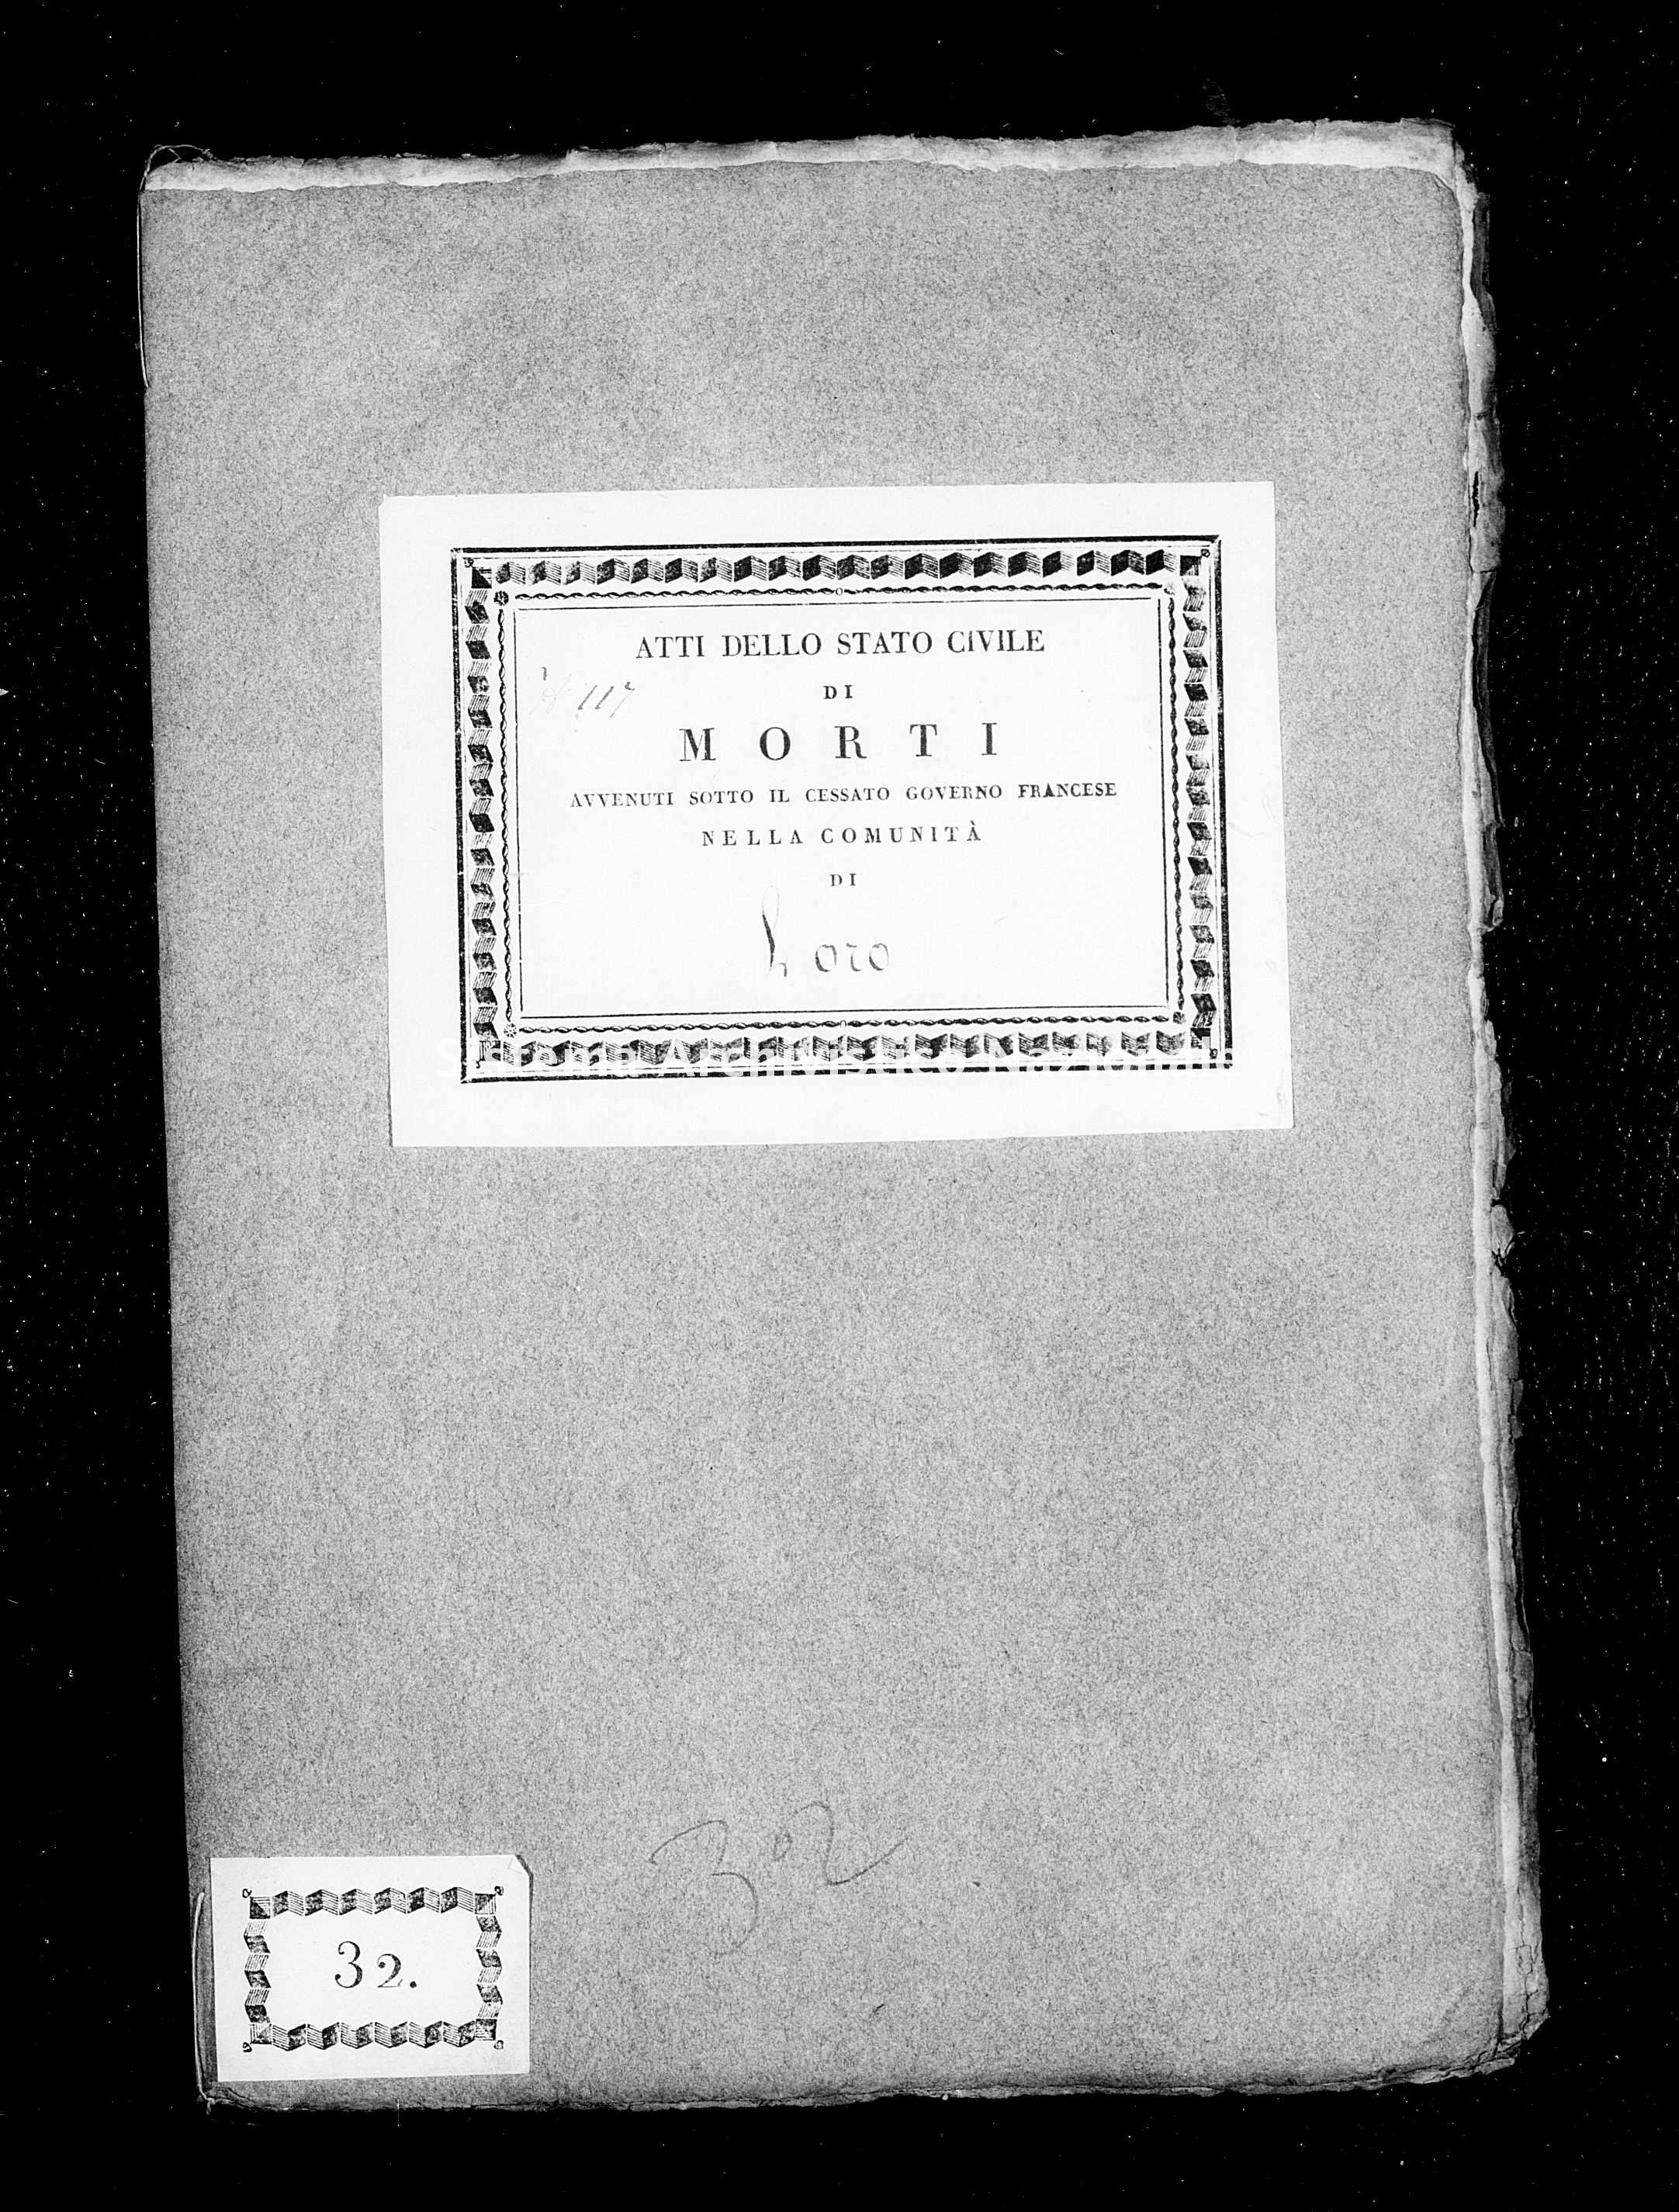 Archivio di stato di Firenze - Stato civile di Toscana (1808-1865) - Faeto - Morti - 1814 - 213 -